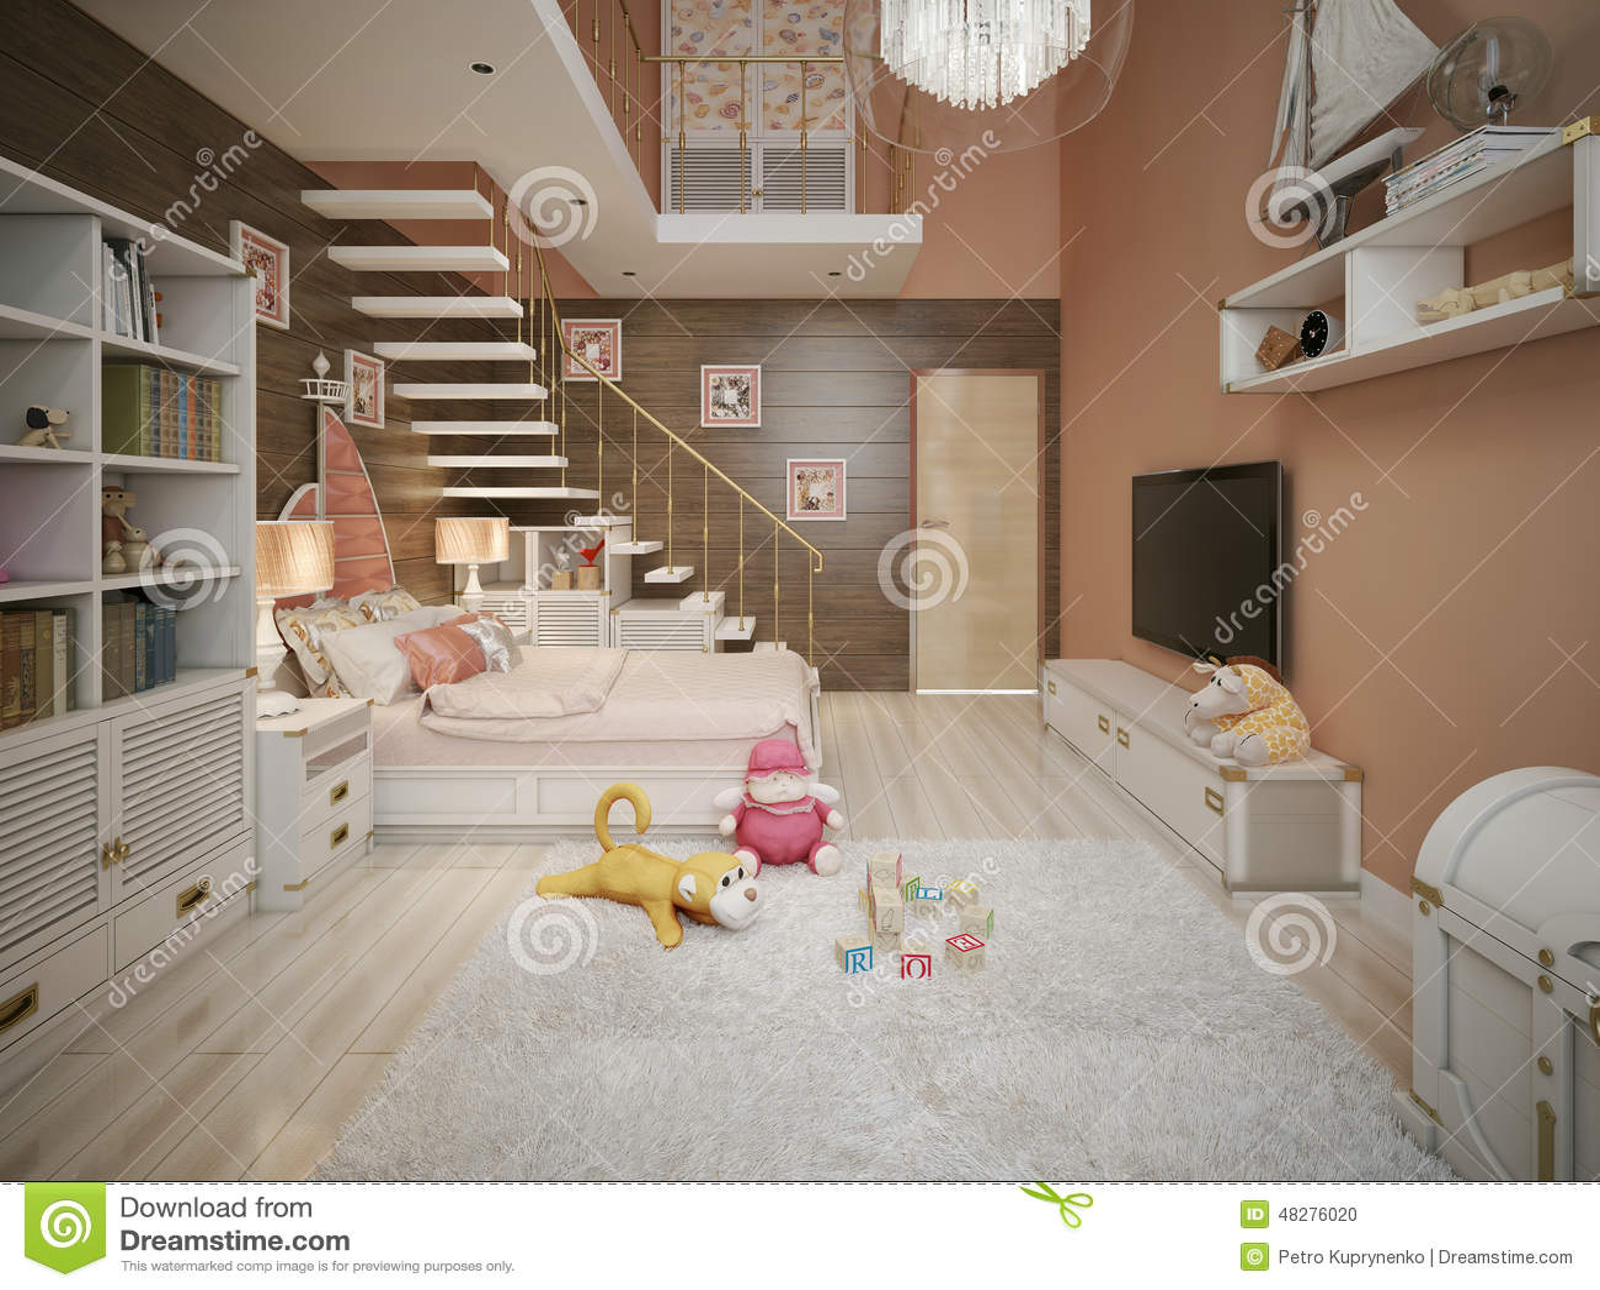 Camera da letto delle ragazze nello stile classico - Donne in camera da letto ...